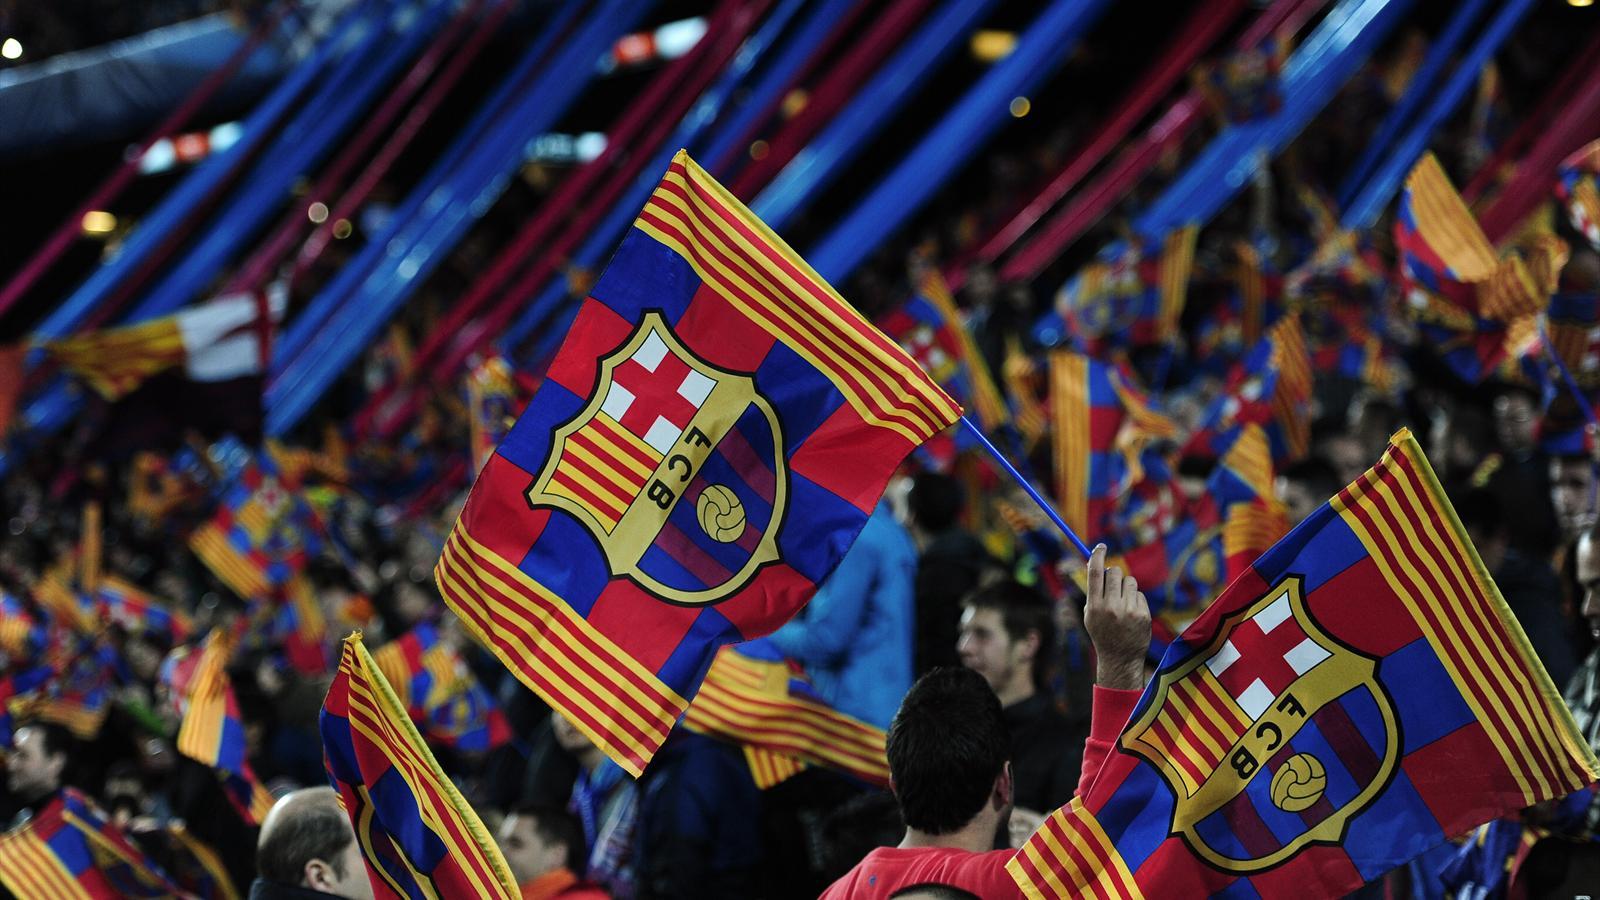 Cristiano ronaldo un ivrogne chante le bar a la ligue espagnole choisit de s 39 en saisir - Coupe de la liga espagnol ...